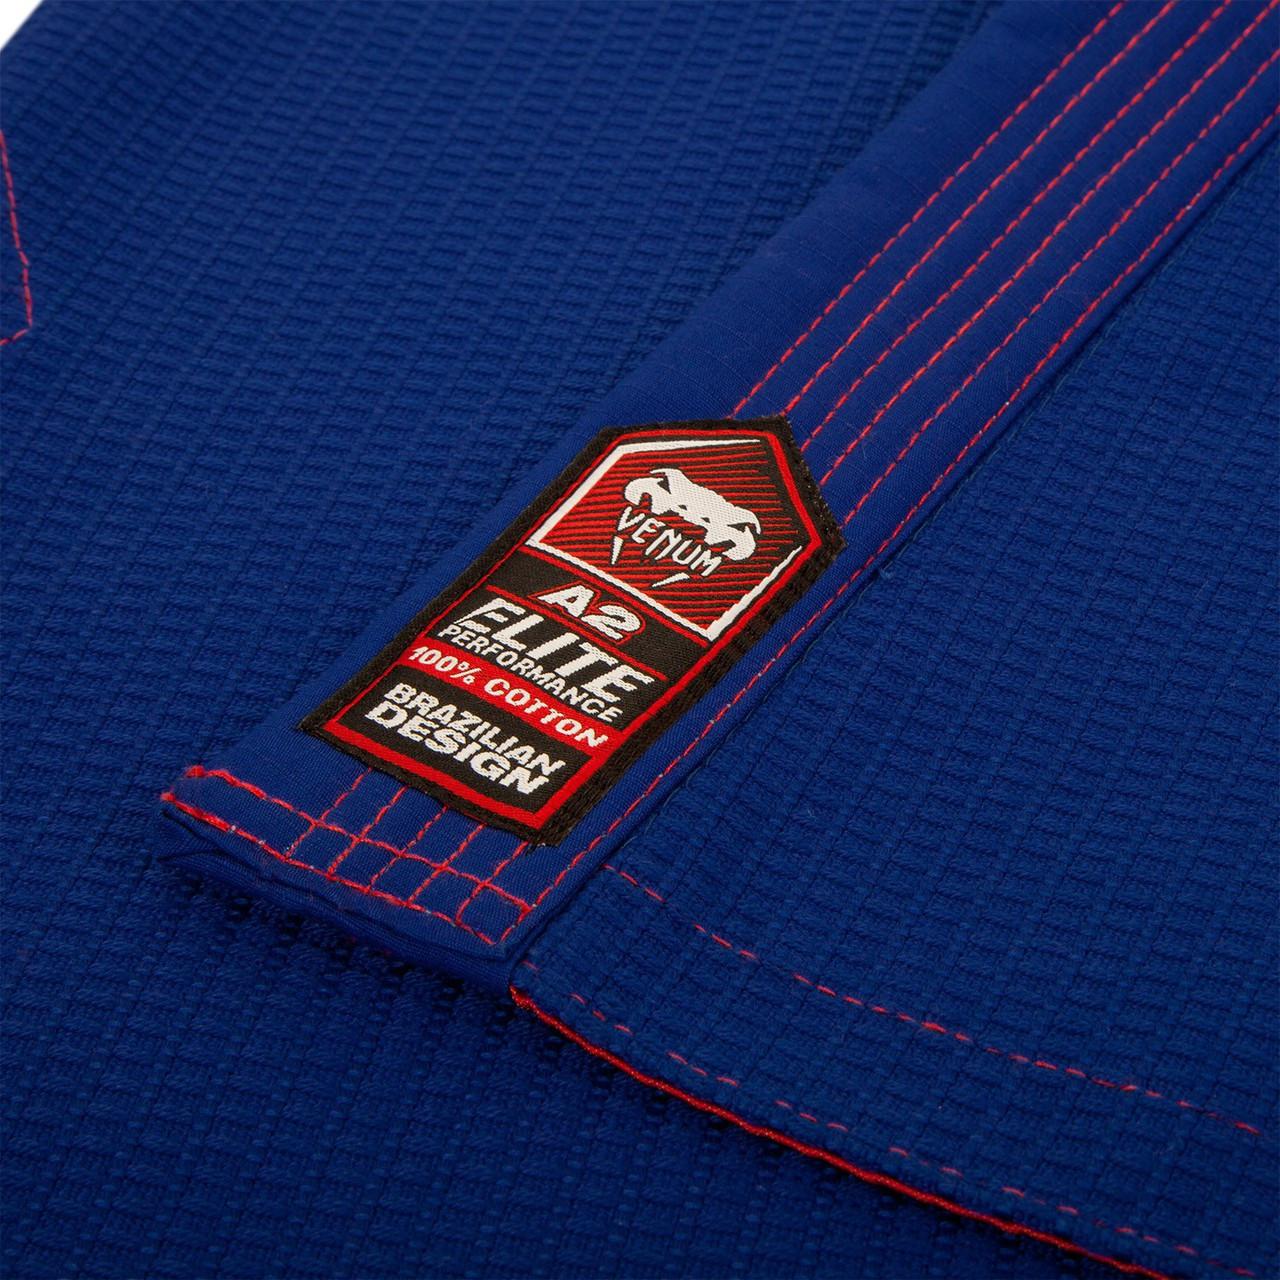 Venum Elite Jiu Jitsu Gi in Royal Blue and Red.  Now available at www.thejiujitsushop.com Front of gi in Blue  and Red   Enjoy free shipping from The Jiu Jitsu Shop.  Top quality brazilian jiu-jitsu gear for men women and kids.